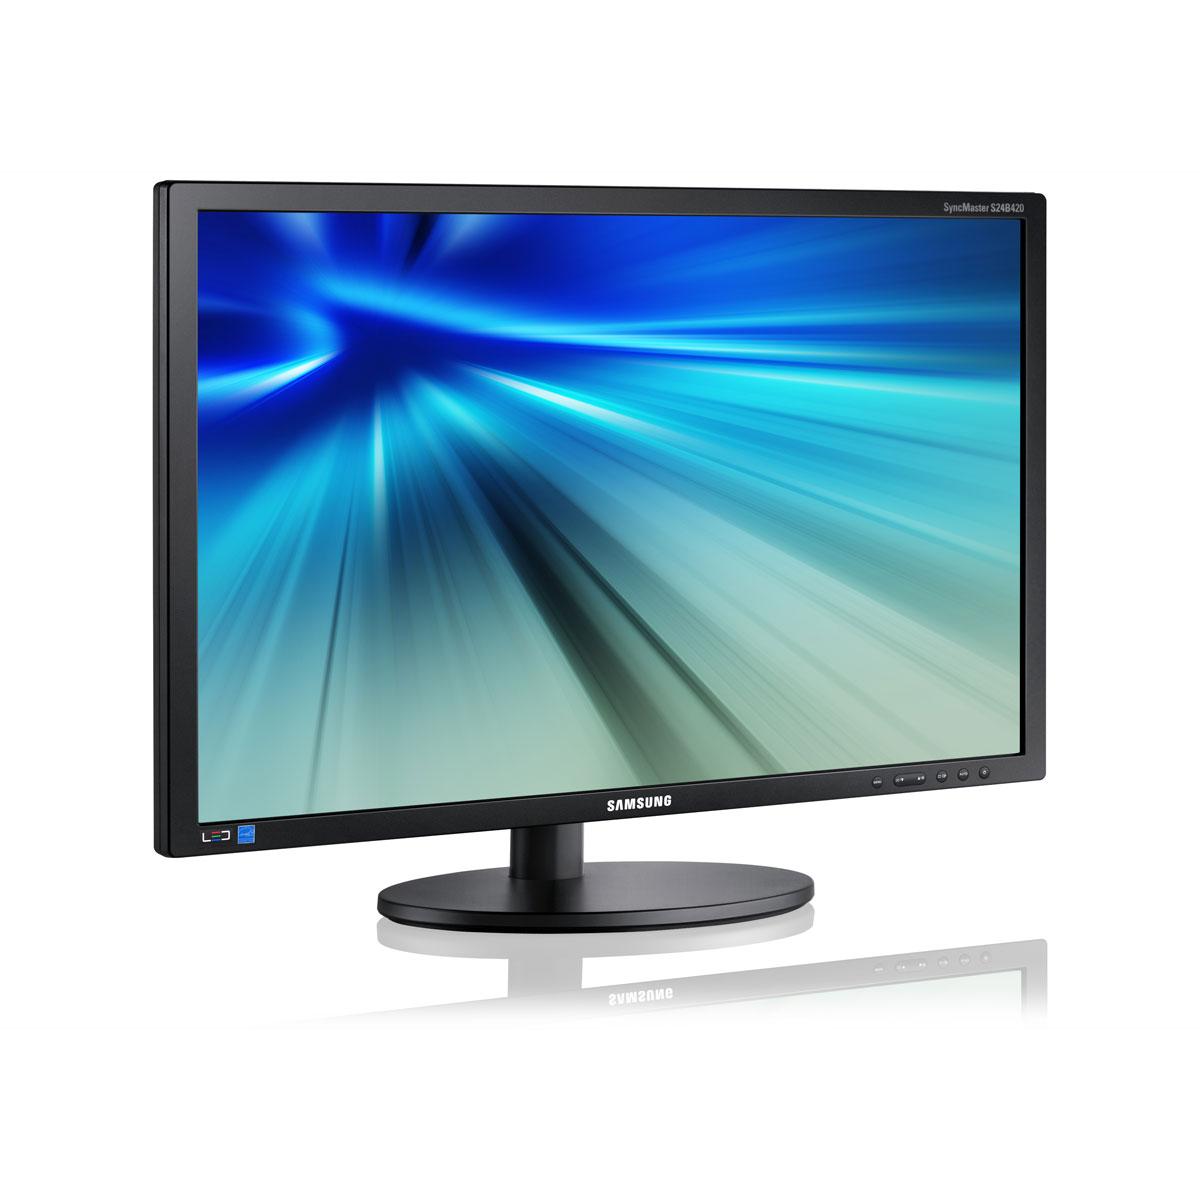 """Ecran PC Samsung 24"""" LED - SyncMaster S24B420BW 1920 x 1200 pixels - 5 ms - Format large 16/10 - Pivot - Noir (garantie constructeur 3 ans)"""